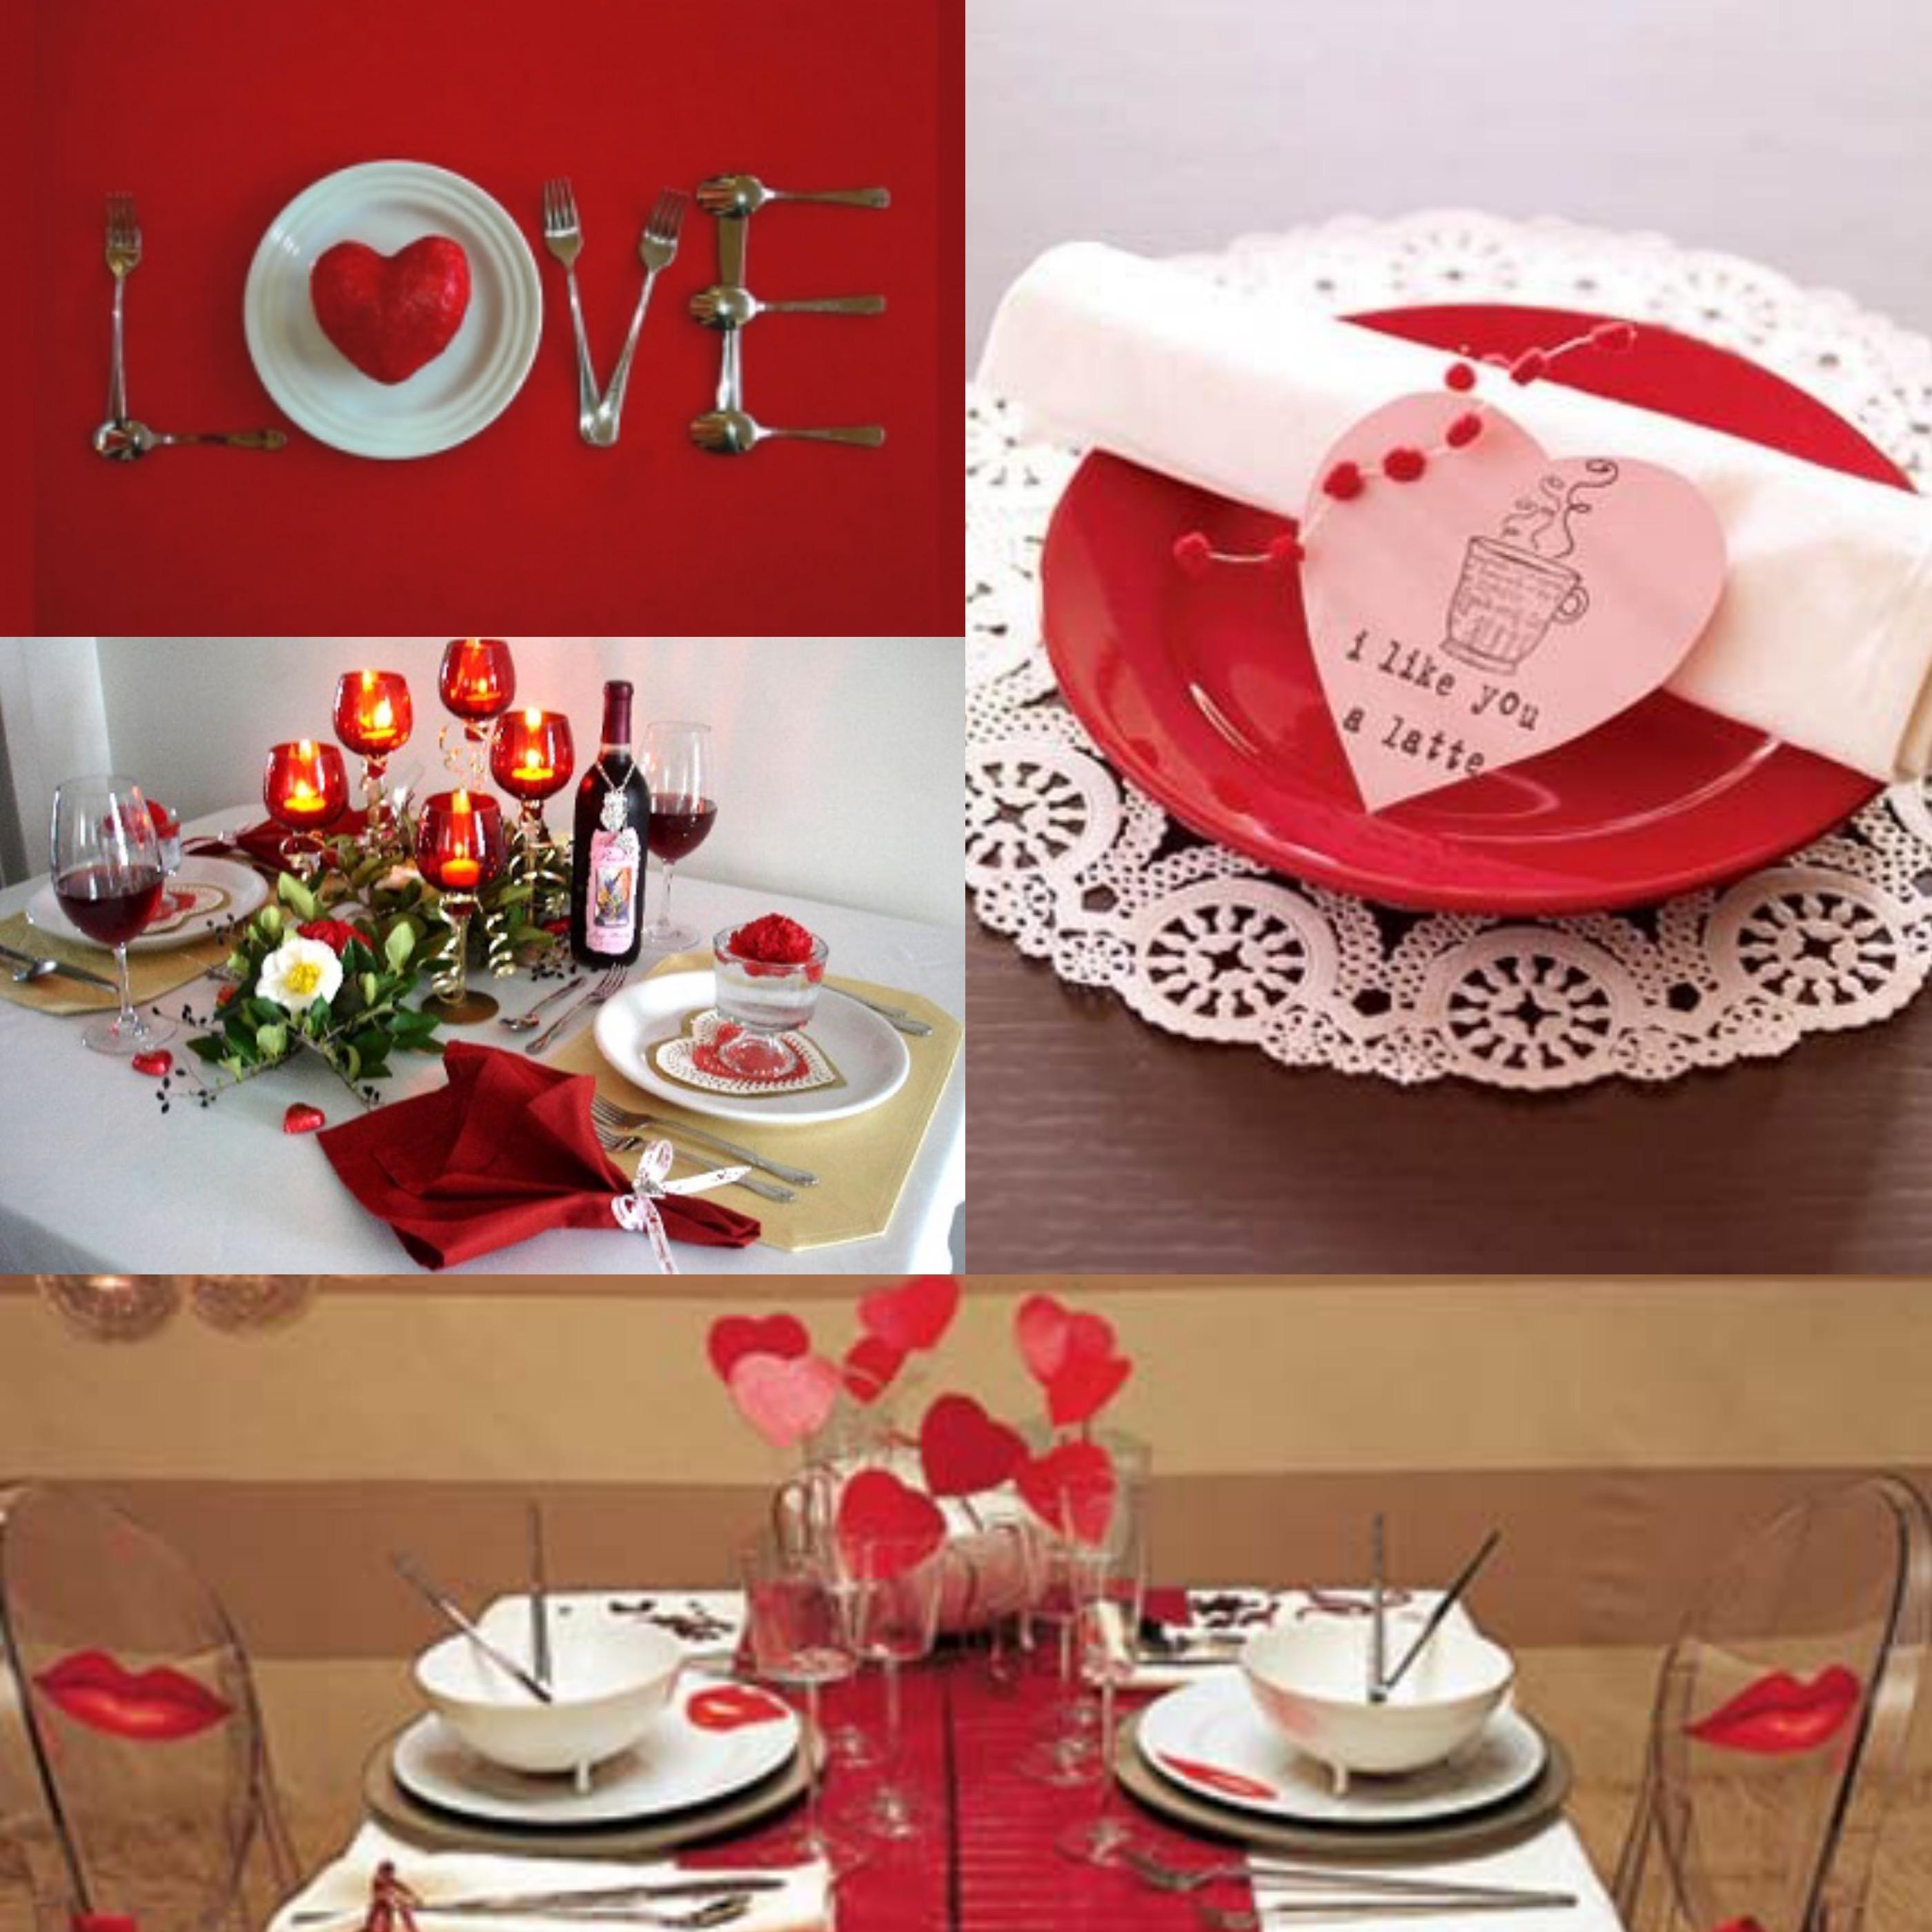 Come apparecchiare tavola romantica per quinto anniversario fidanzamento